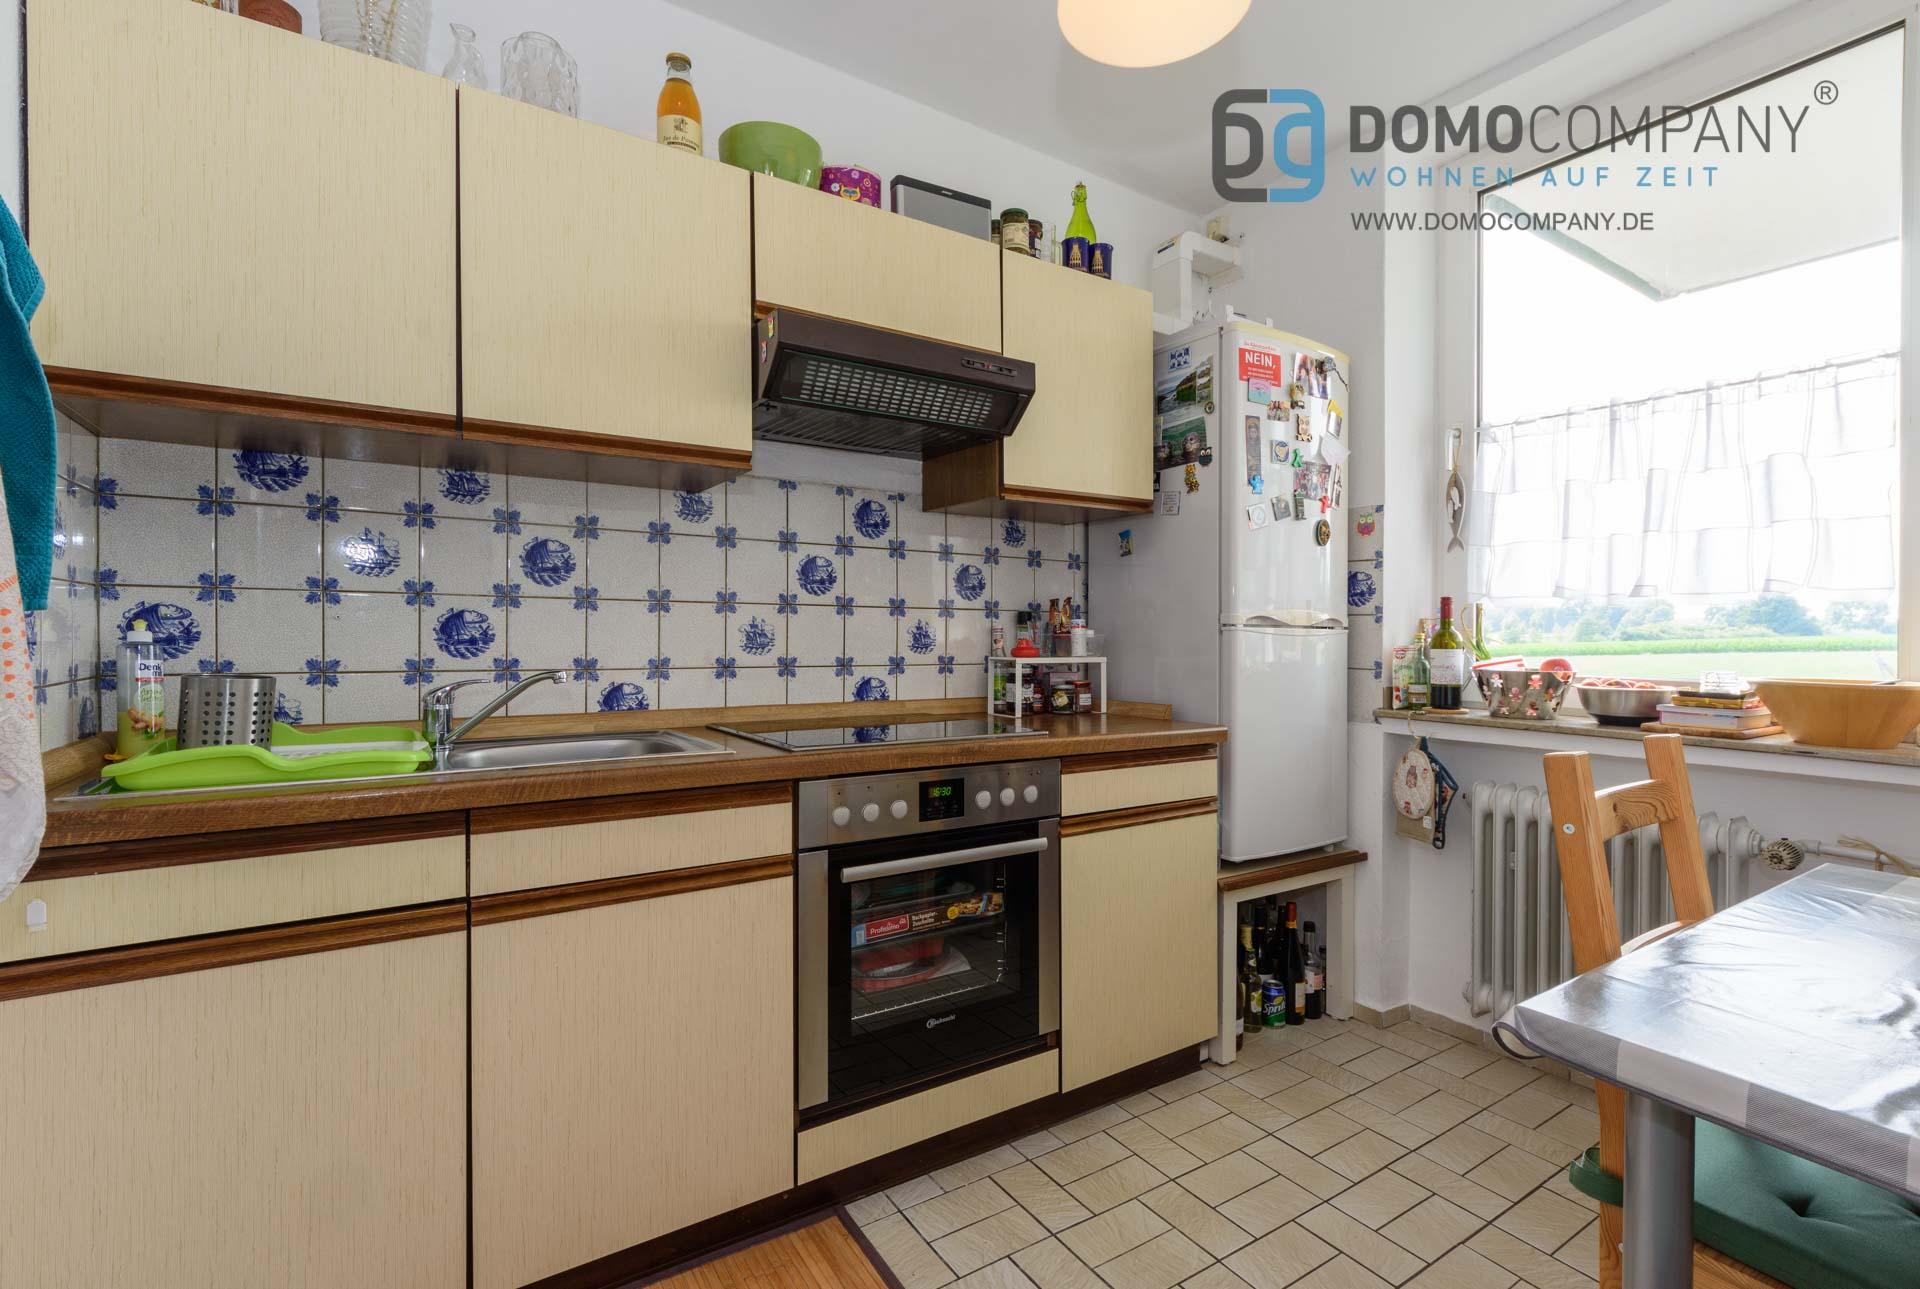 DomoCompany Münster - Wohnen auf Zeit - Short term rentals